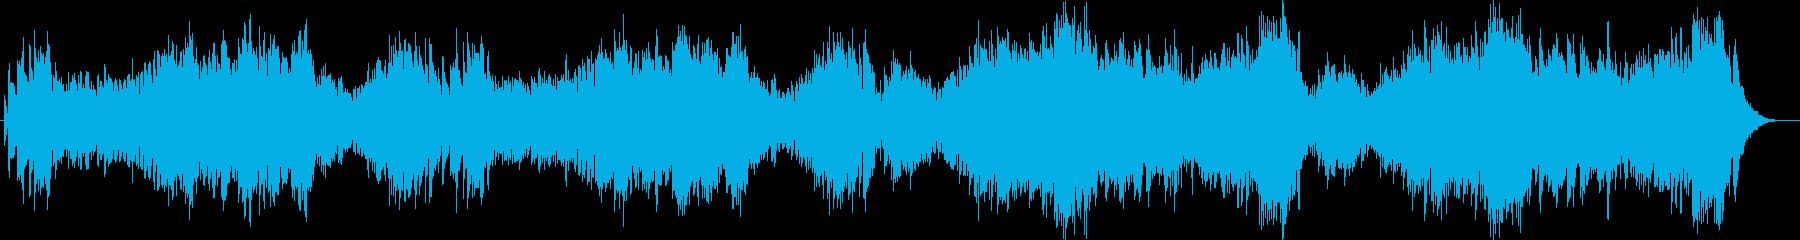 超高速。緊張感のあるピアノ曲の再生済みの波形